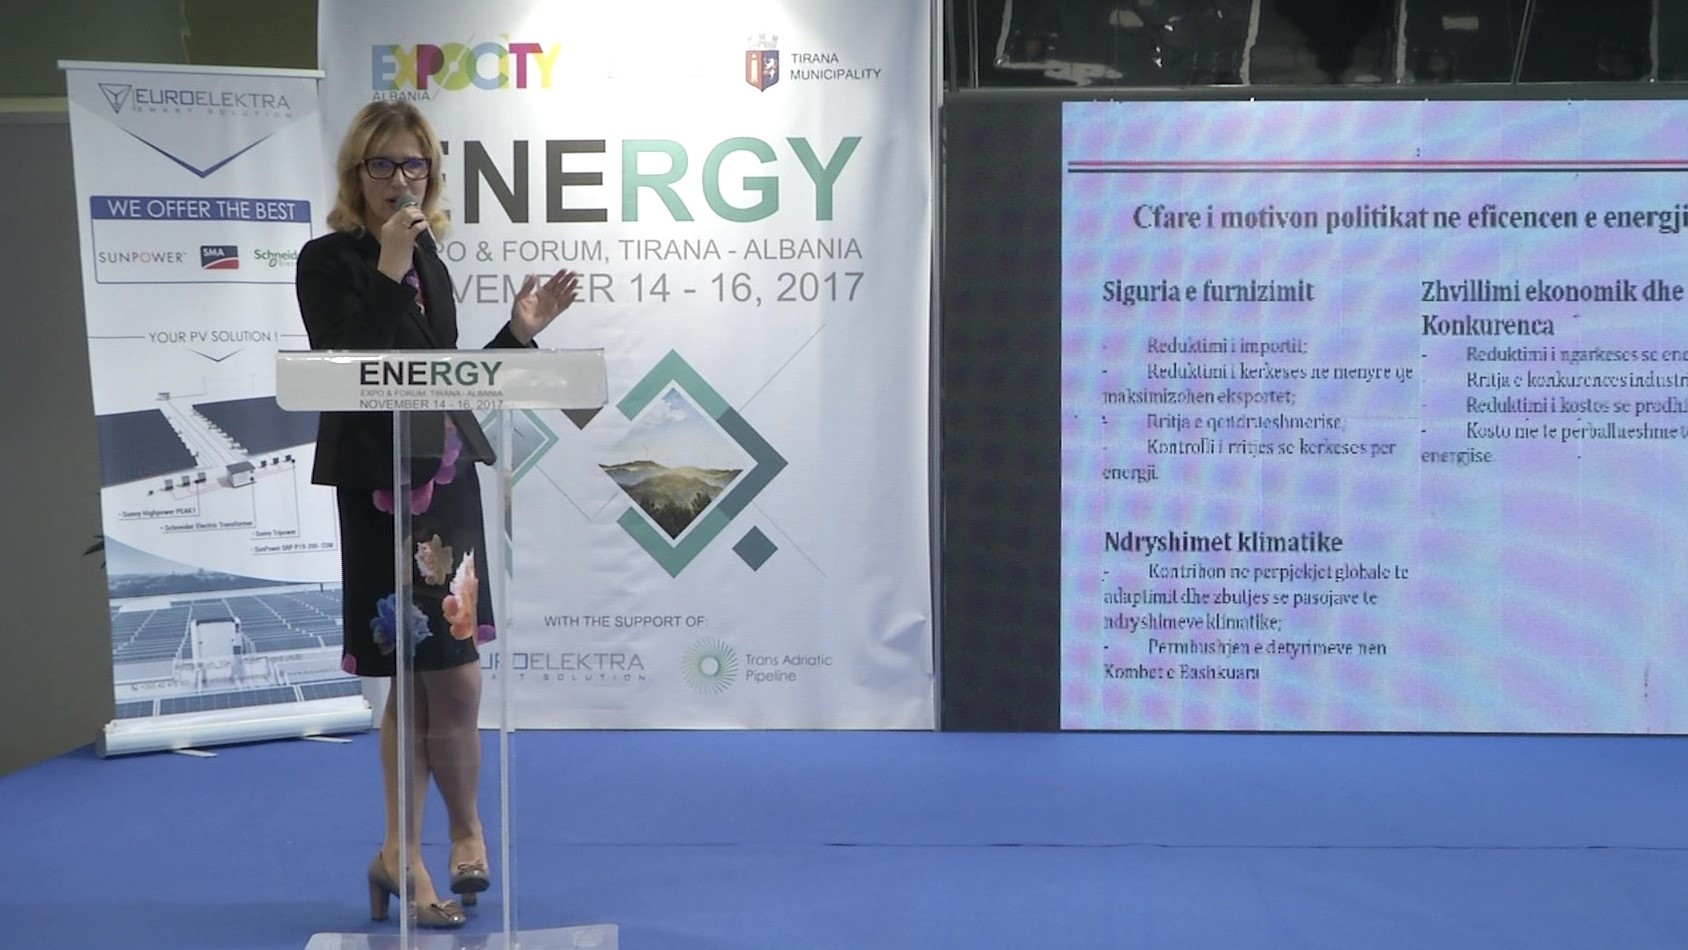 Energy Expo-Forum 2017, efiçensa e energjisë së rinovueshme